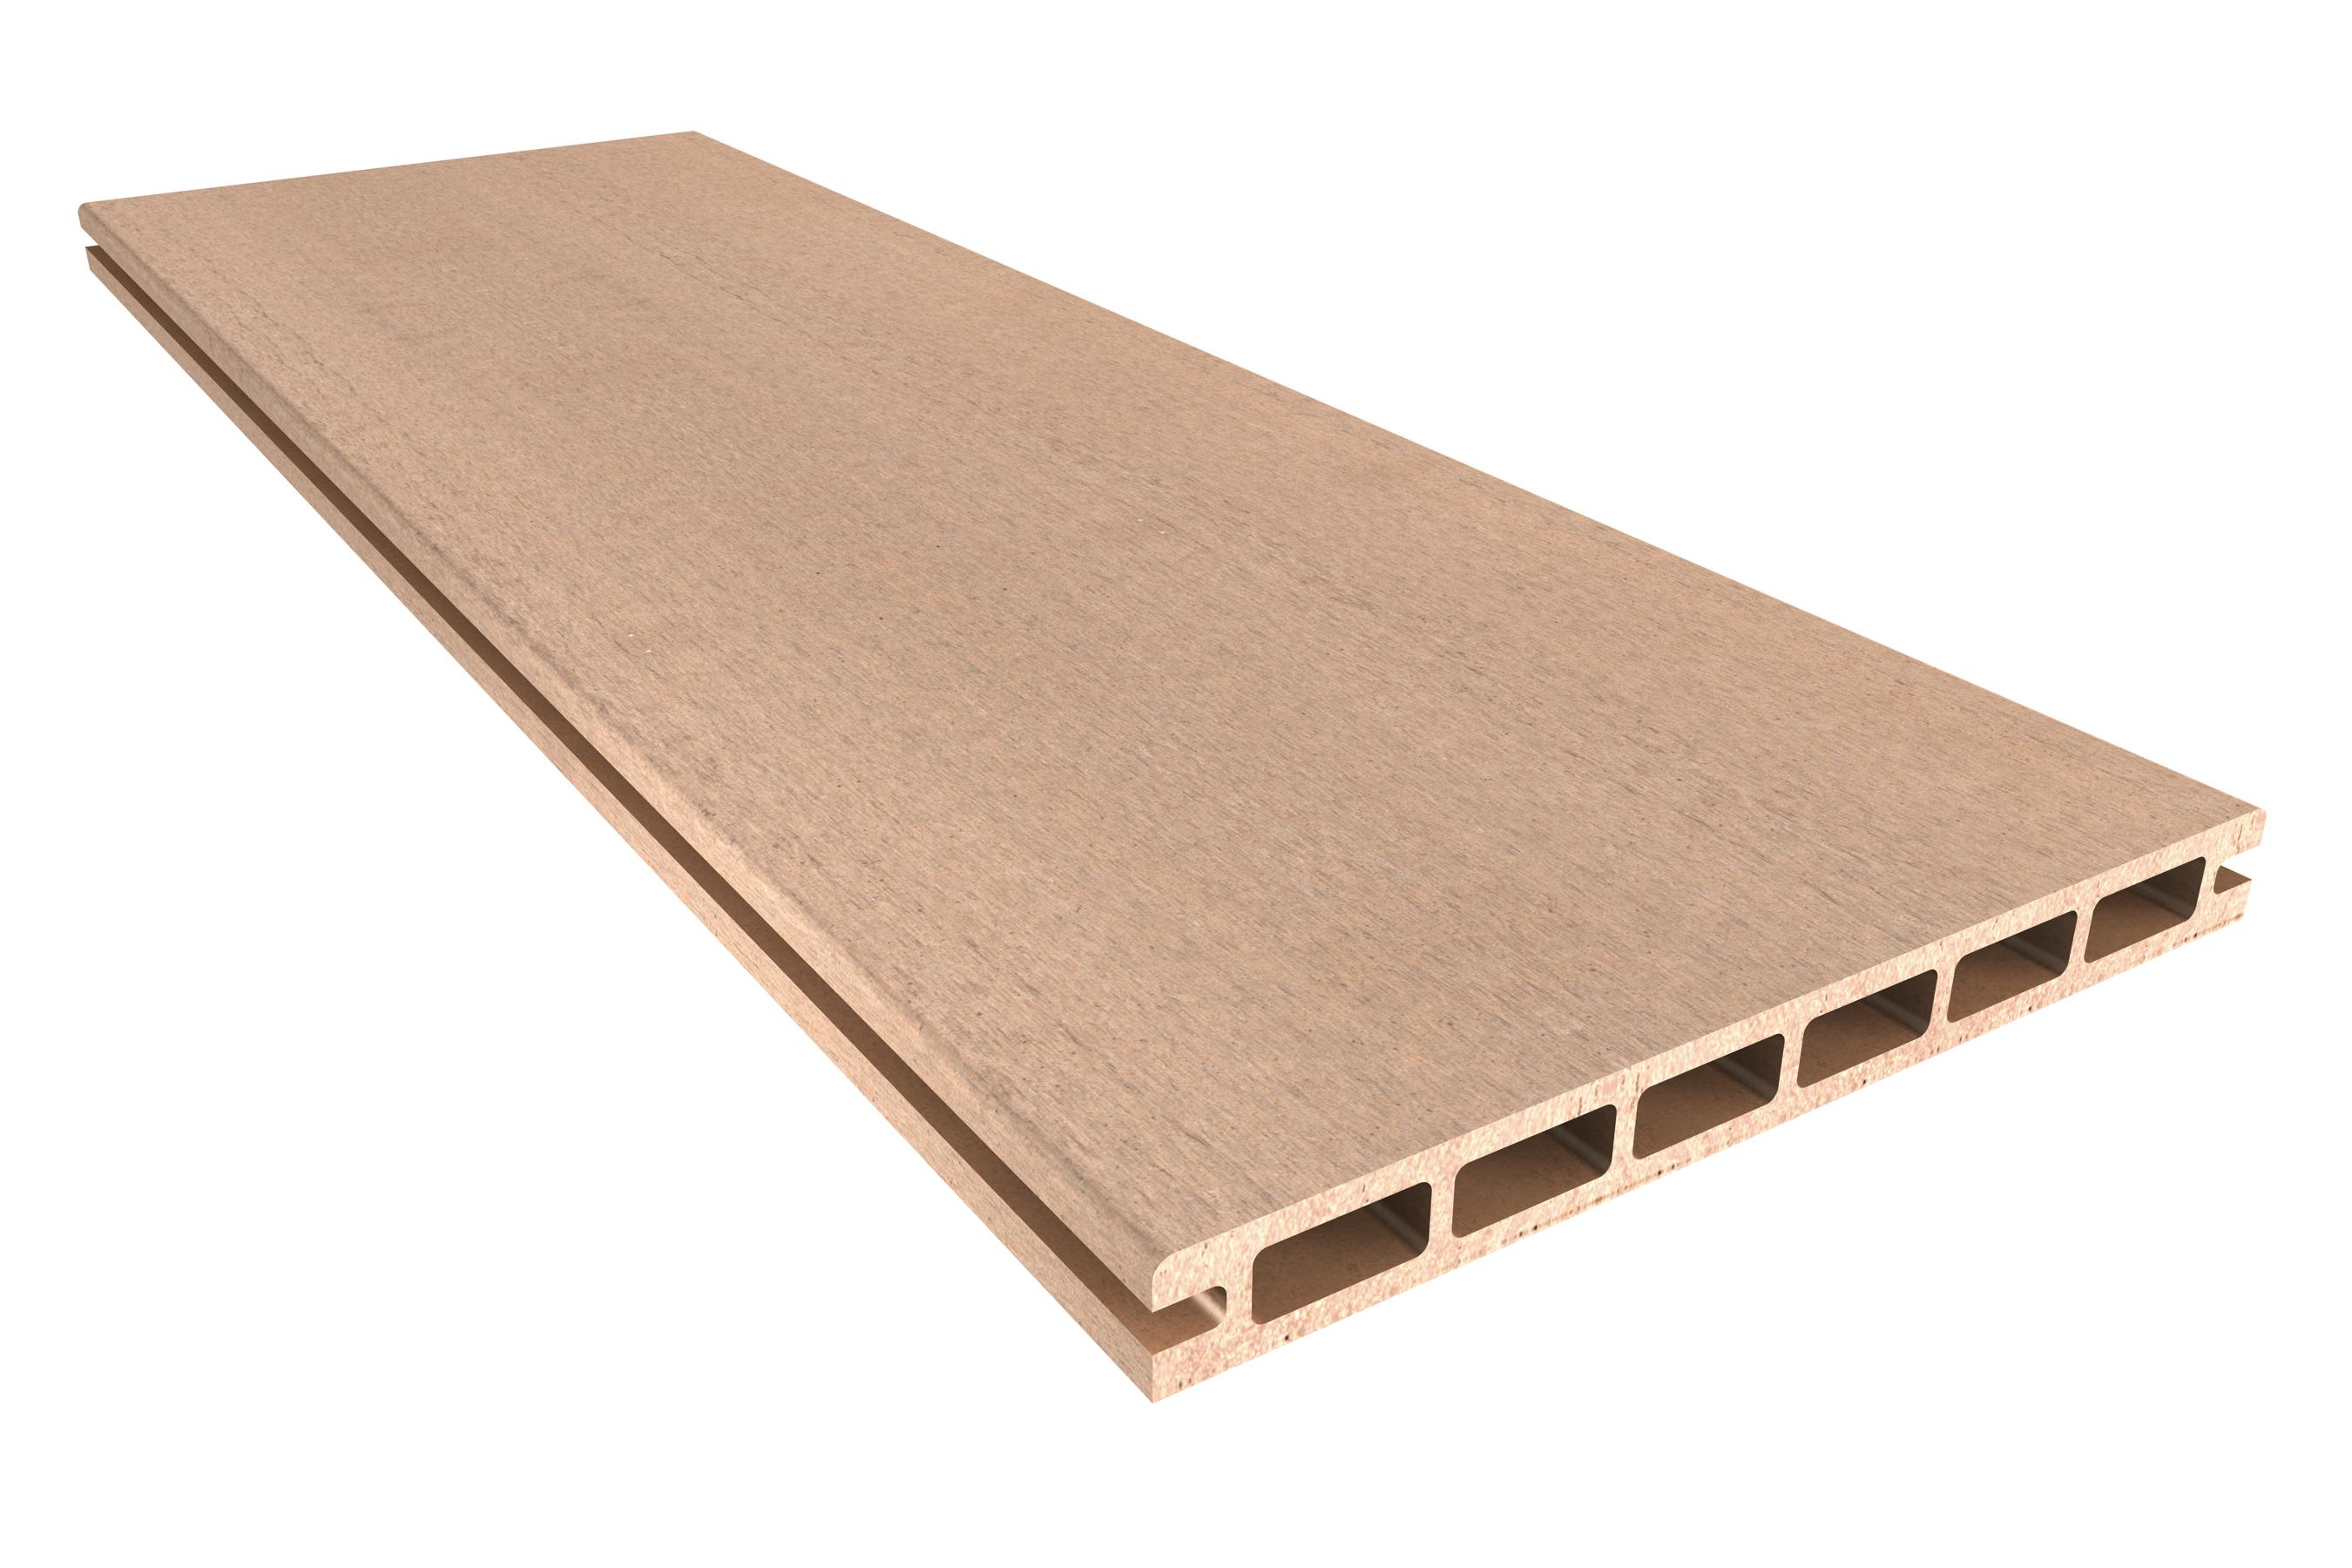 lq wood